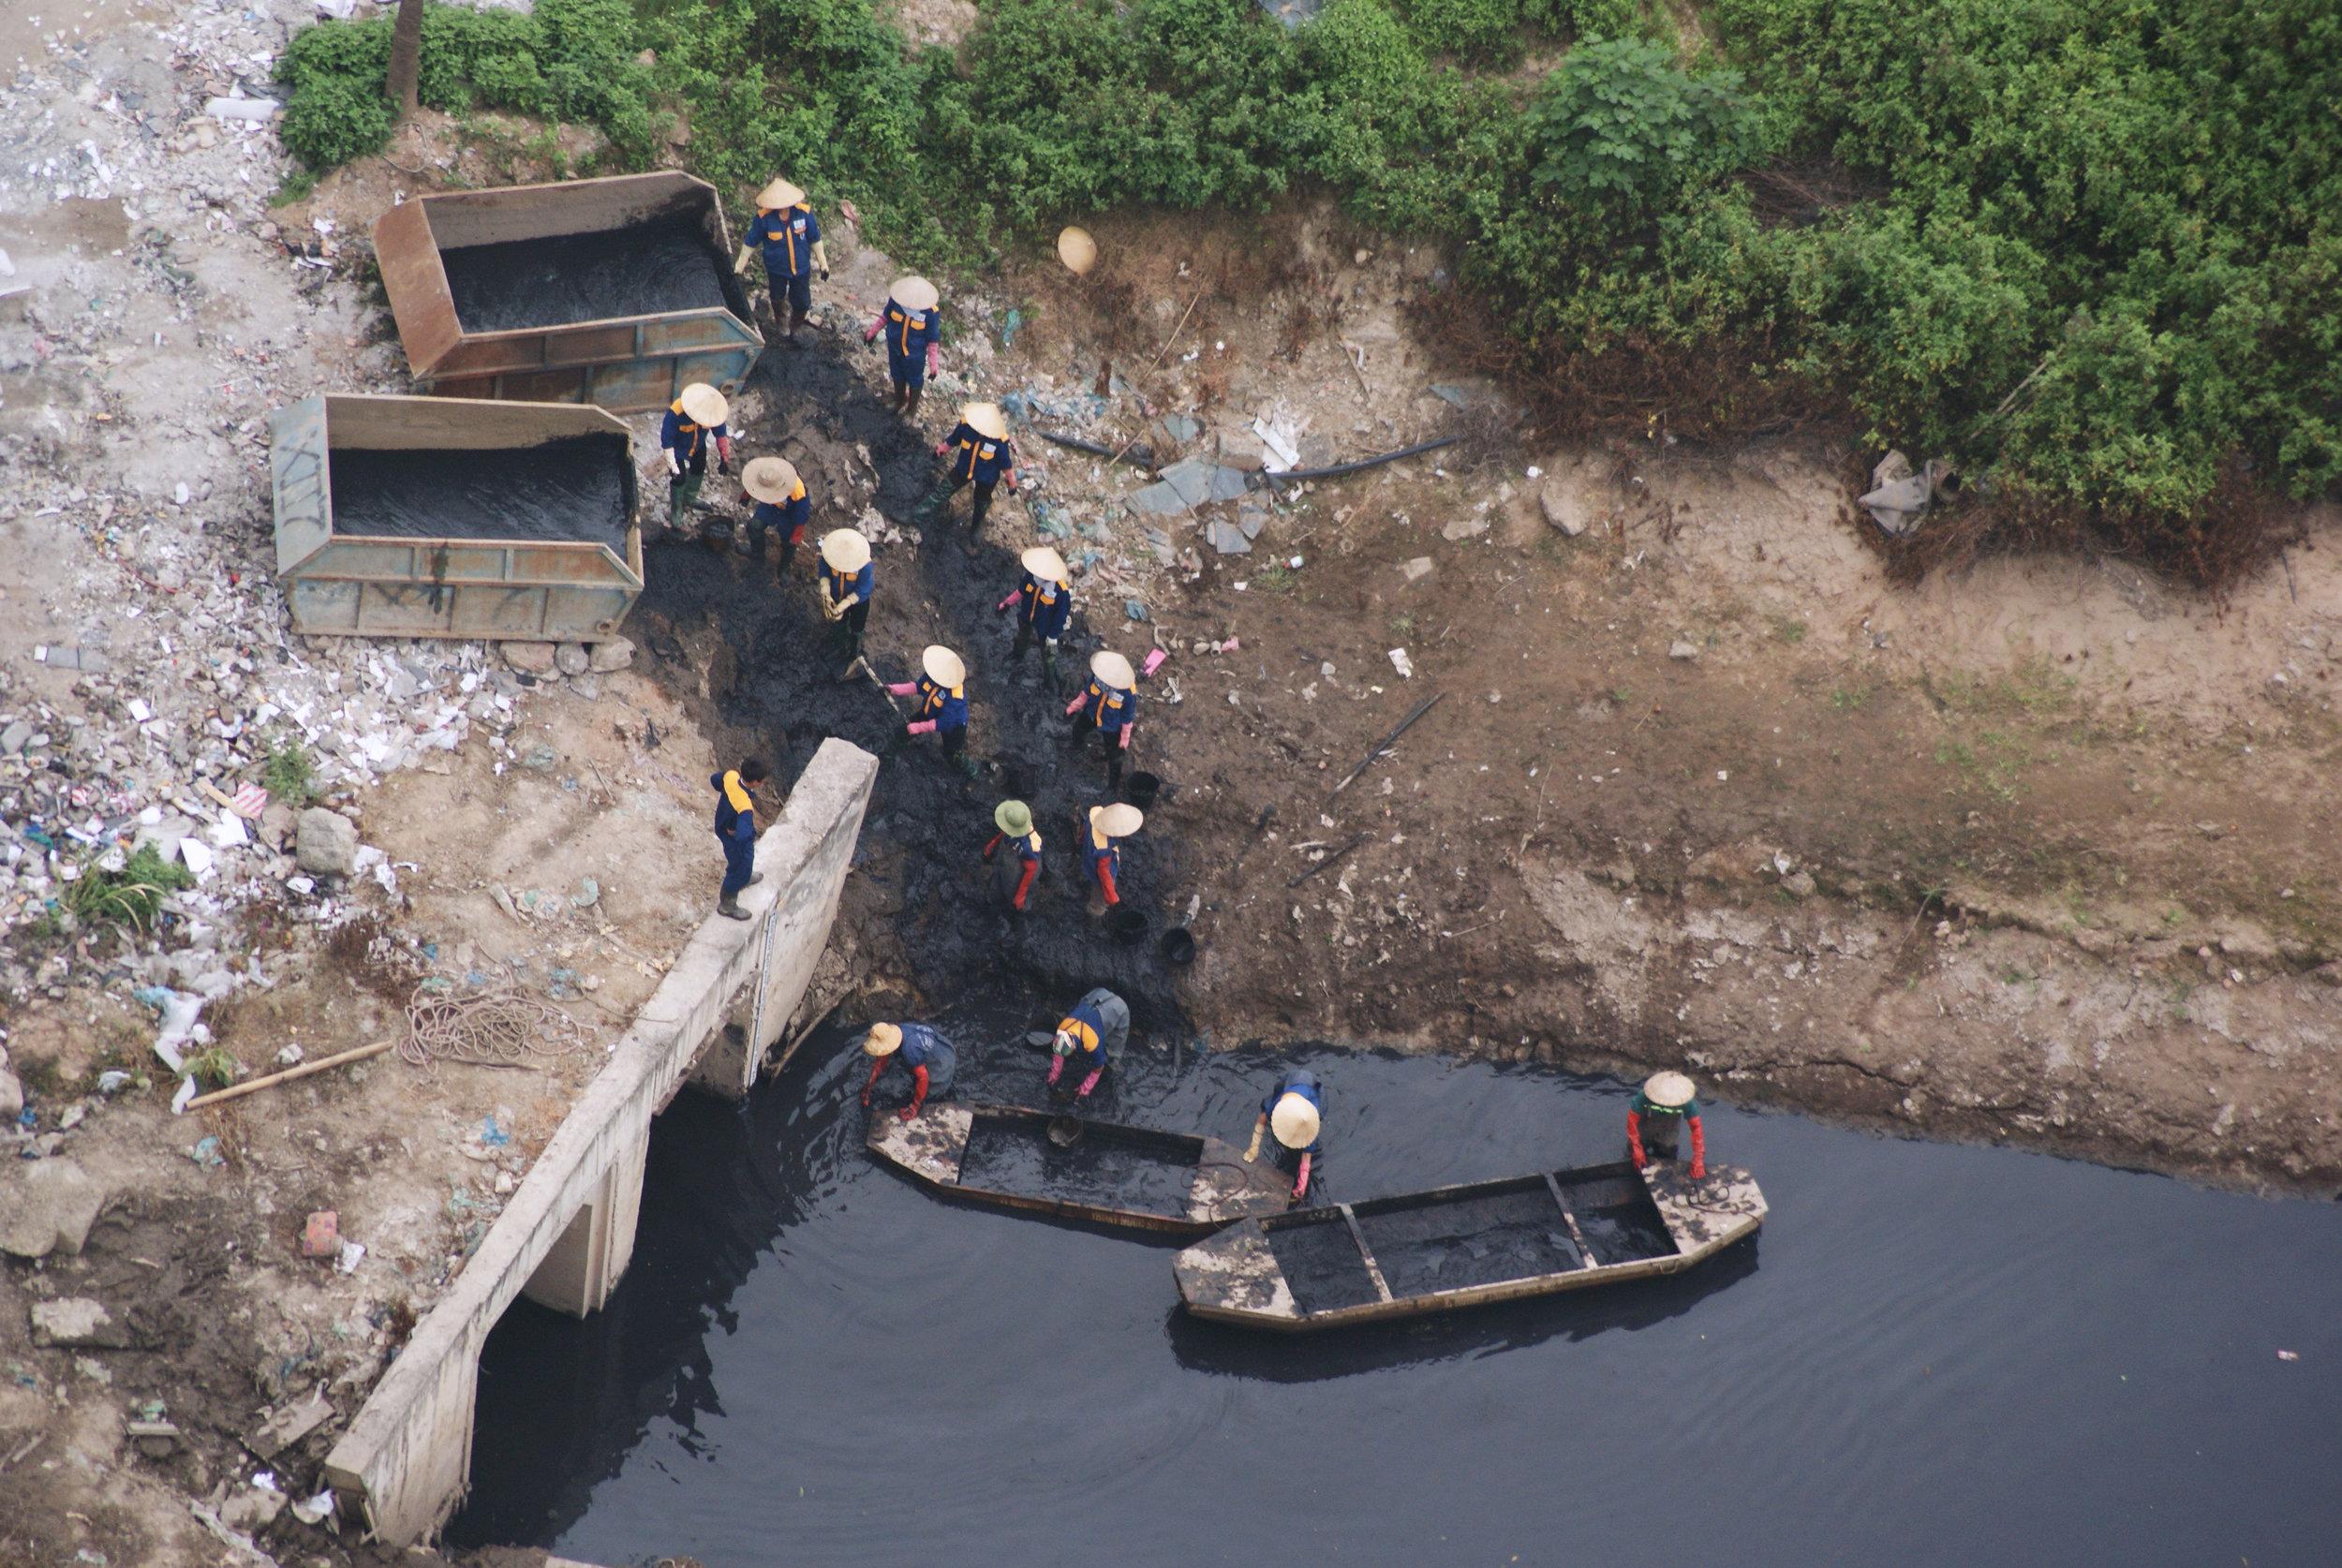 베트남 하노이의 열악한 하수도 준설 현장